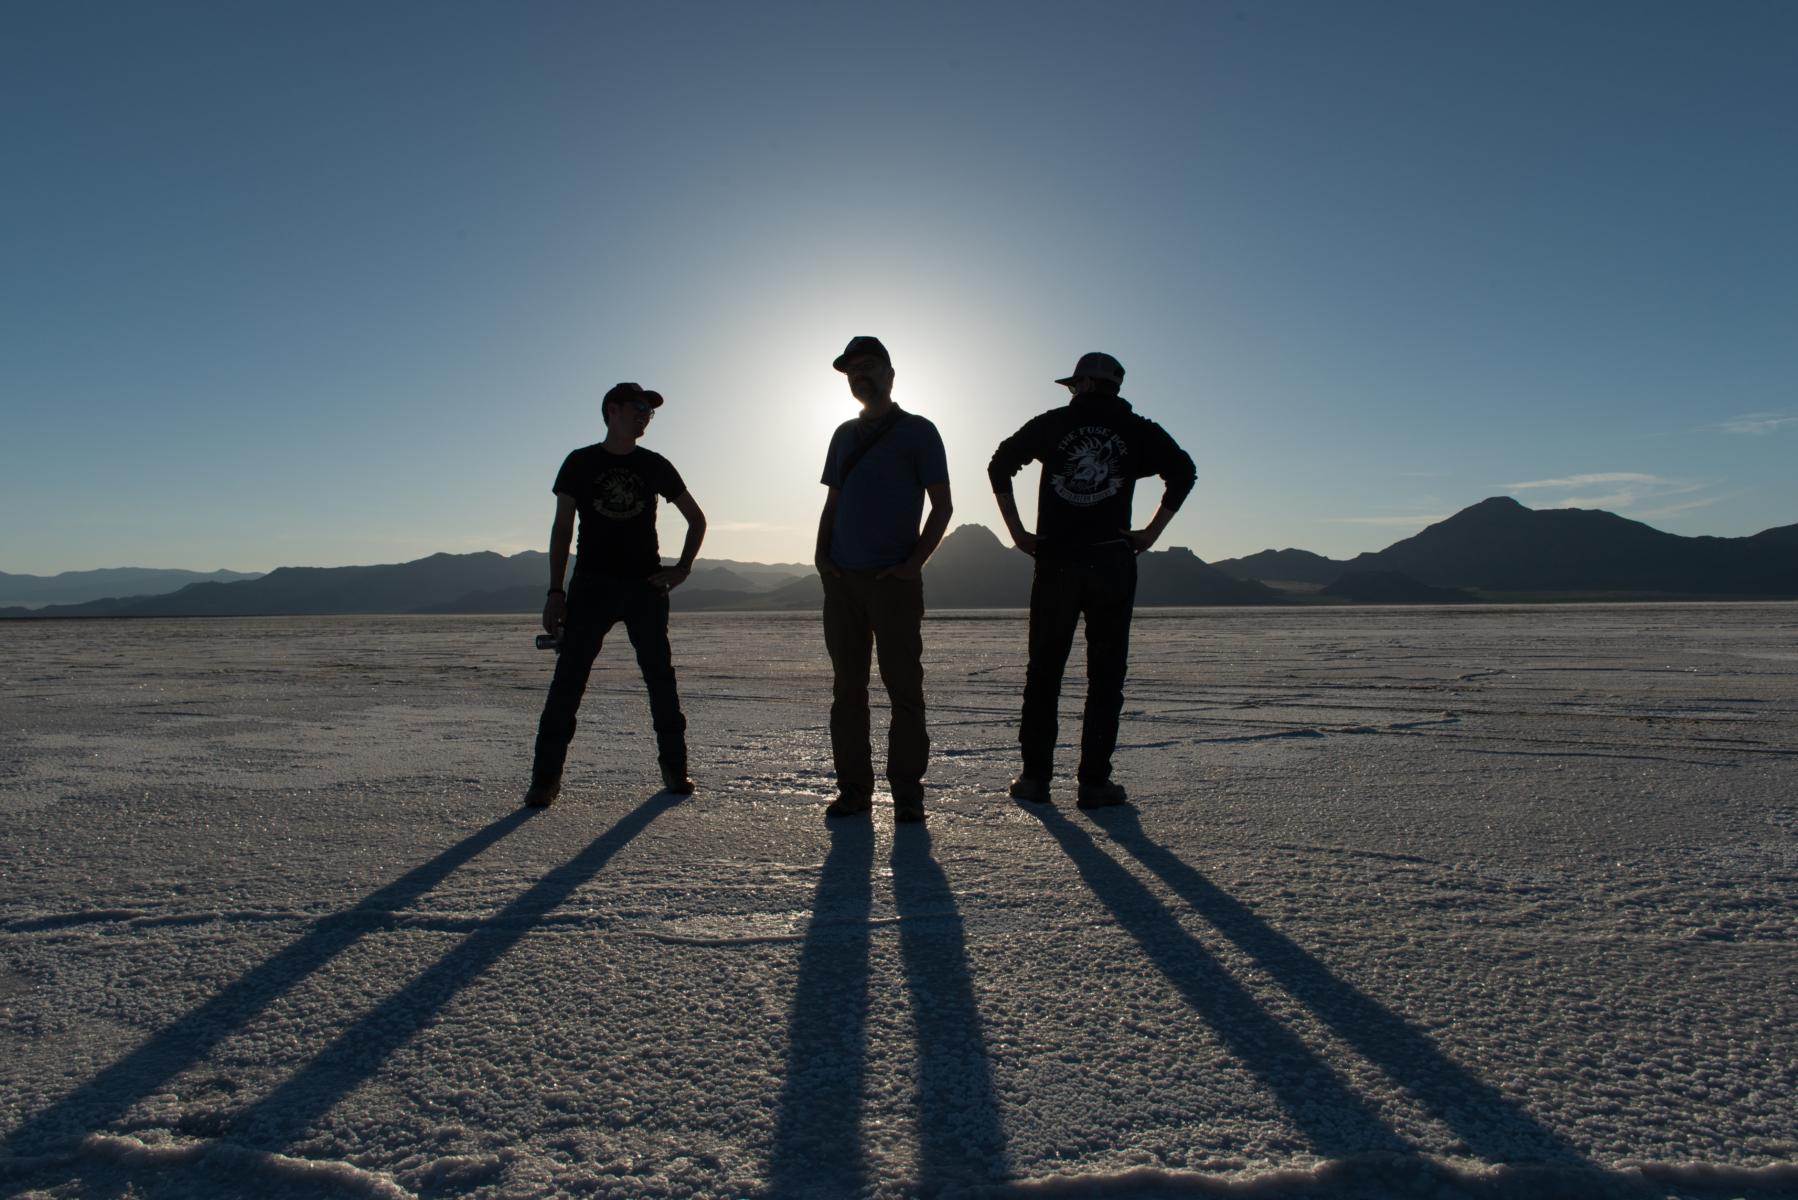 Photos on the Bonneville Salt Flats